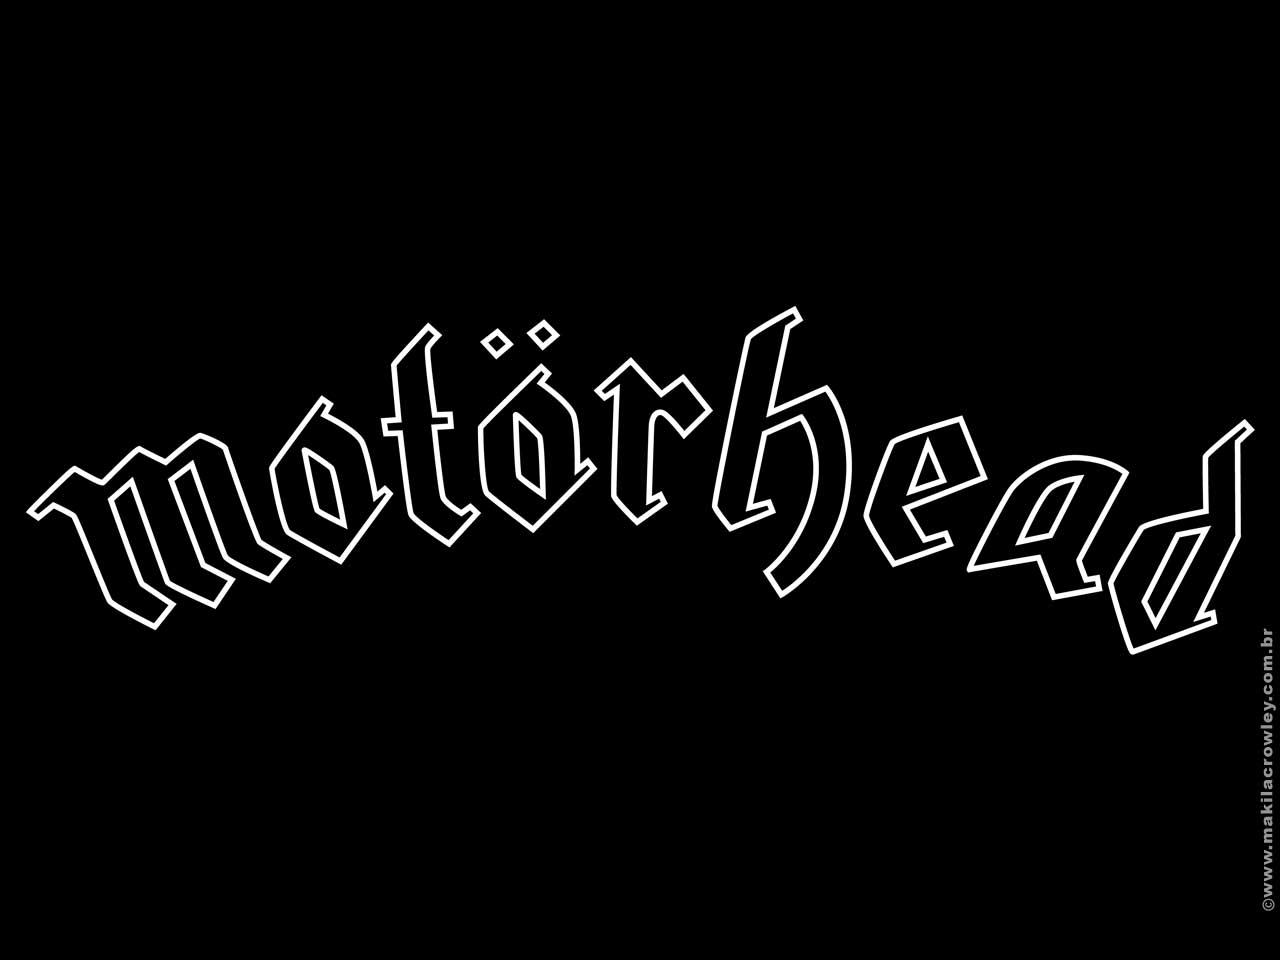 motorhead wallpaper 1280x960